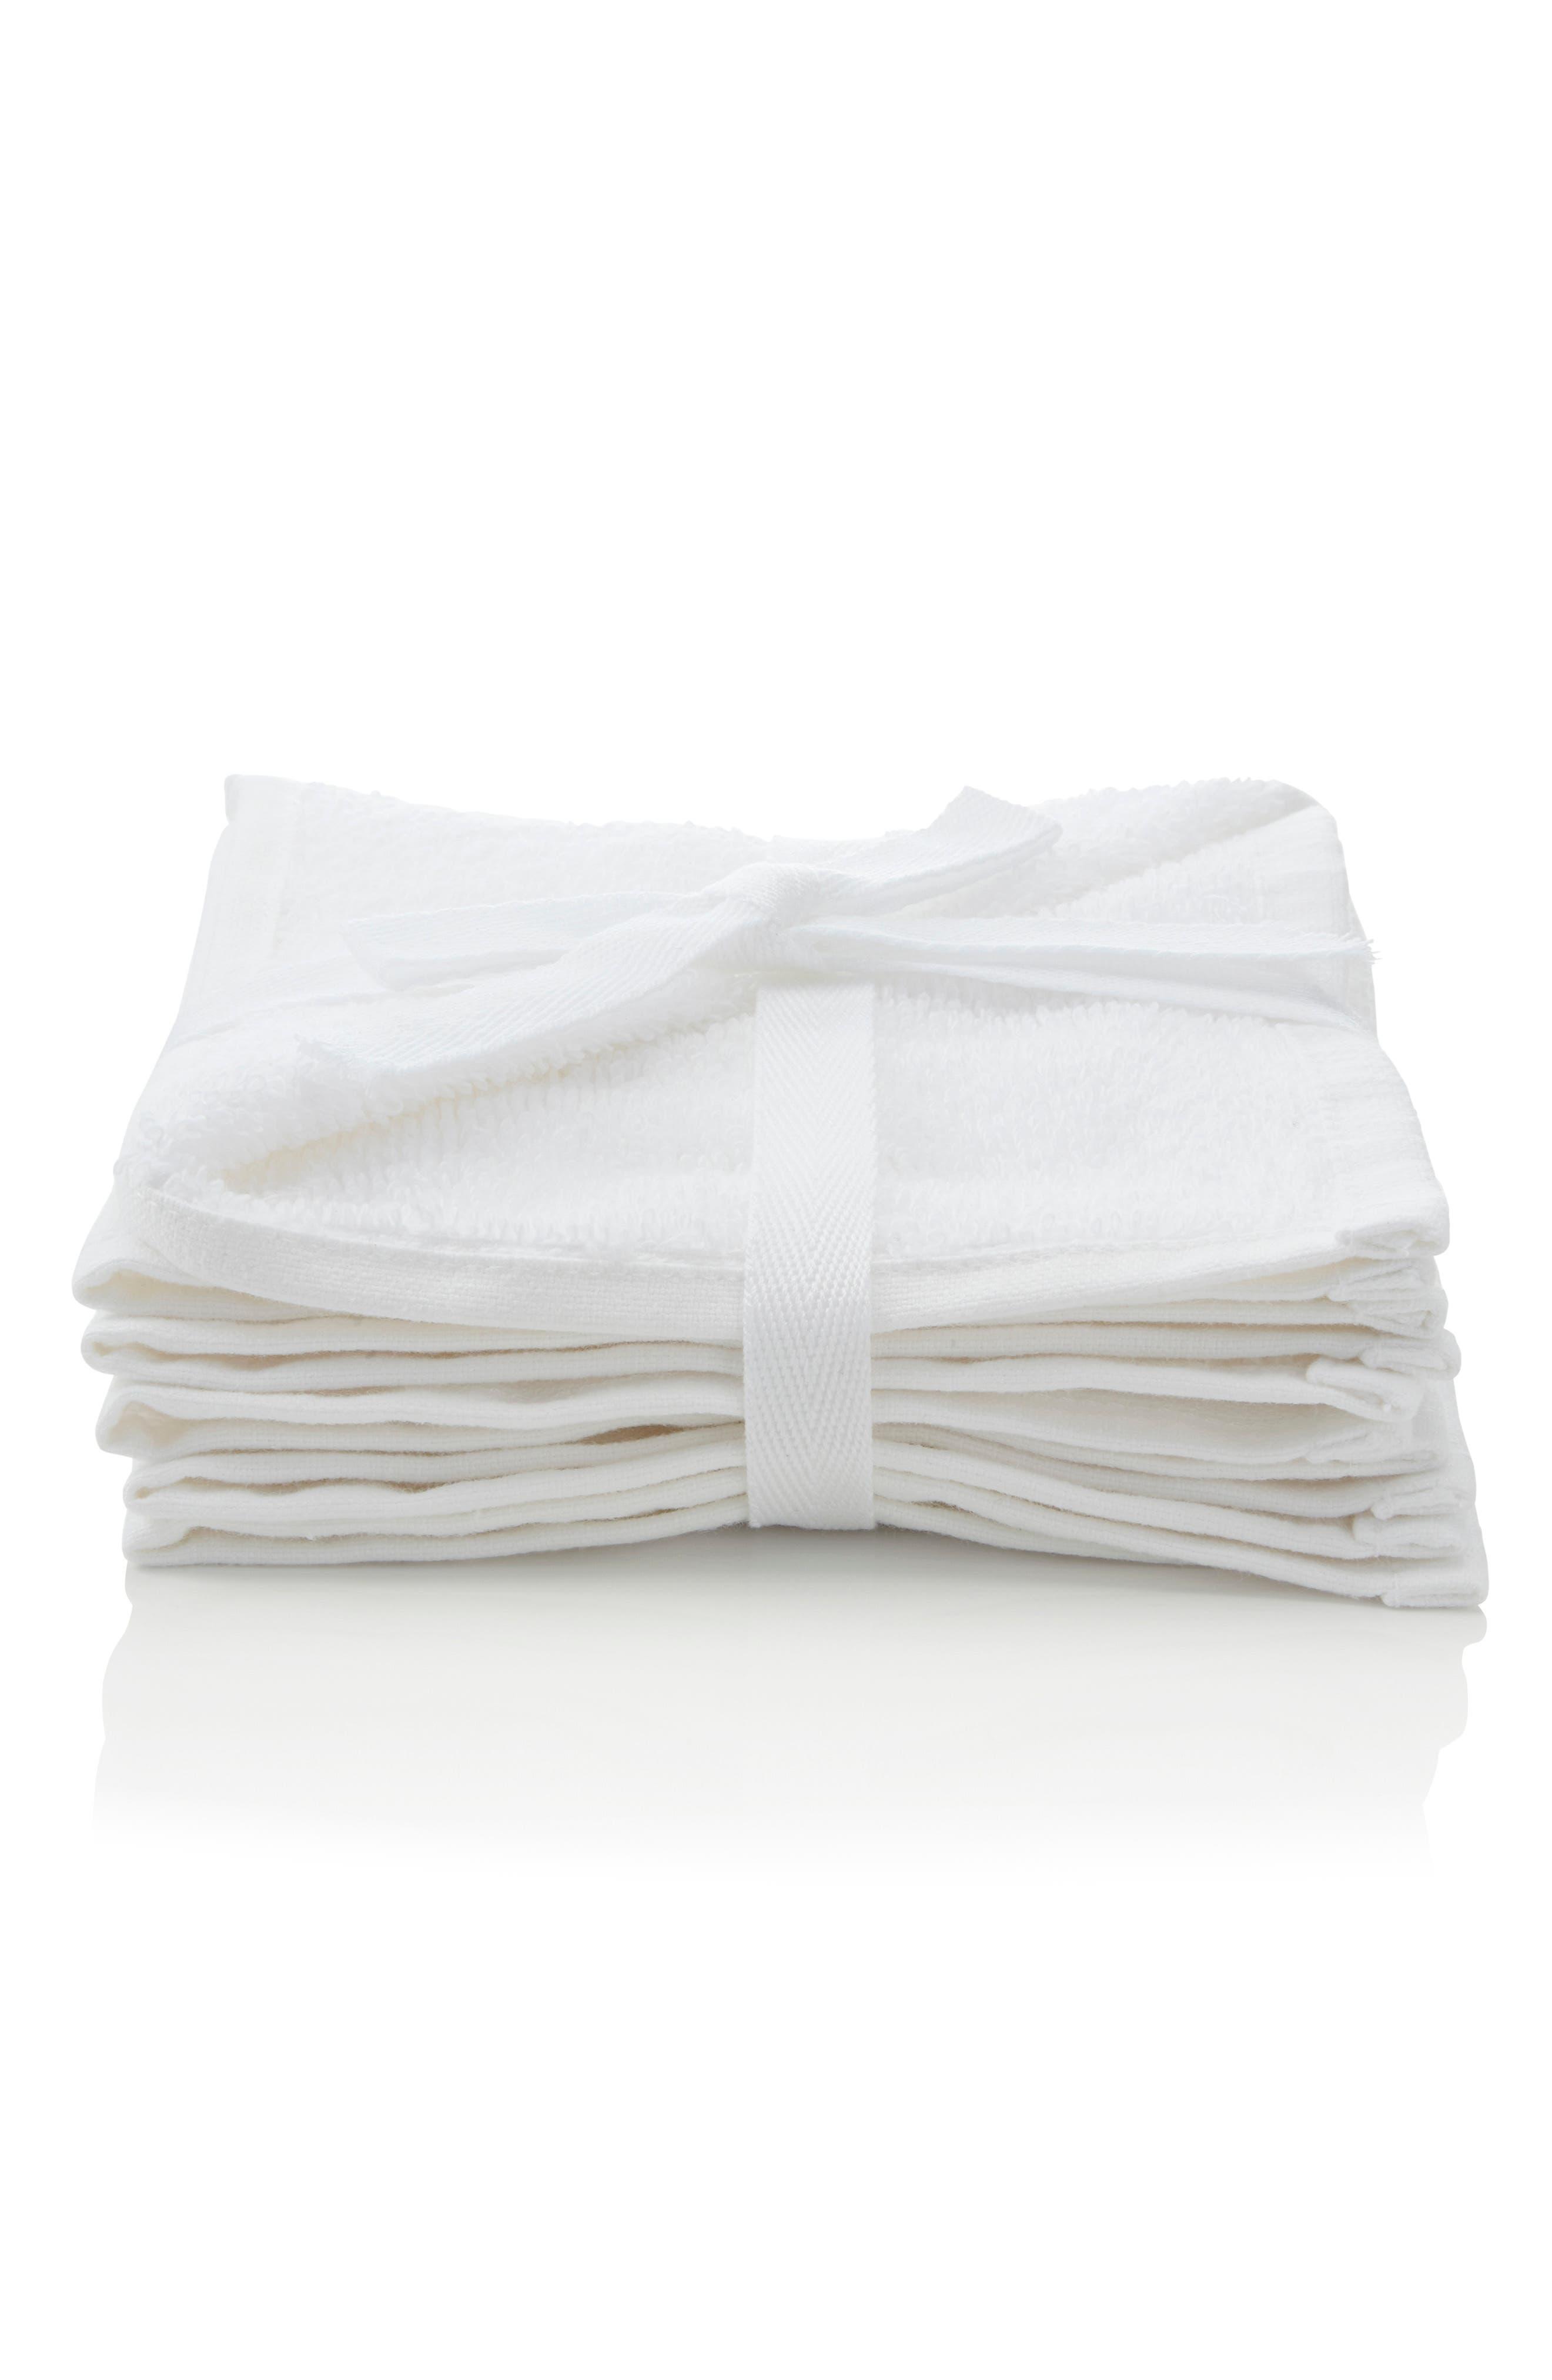 Set of 3 Washcloths,                             Main thumbnail 1, color,                             100